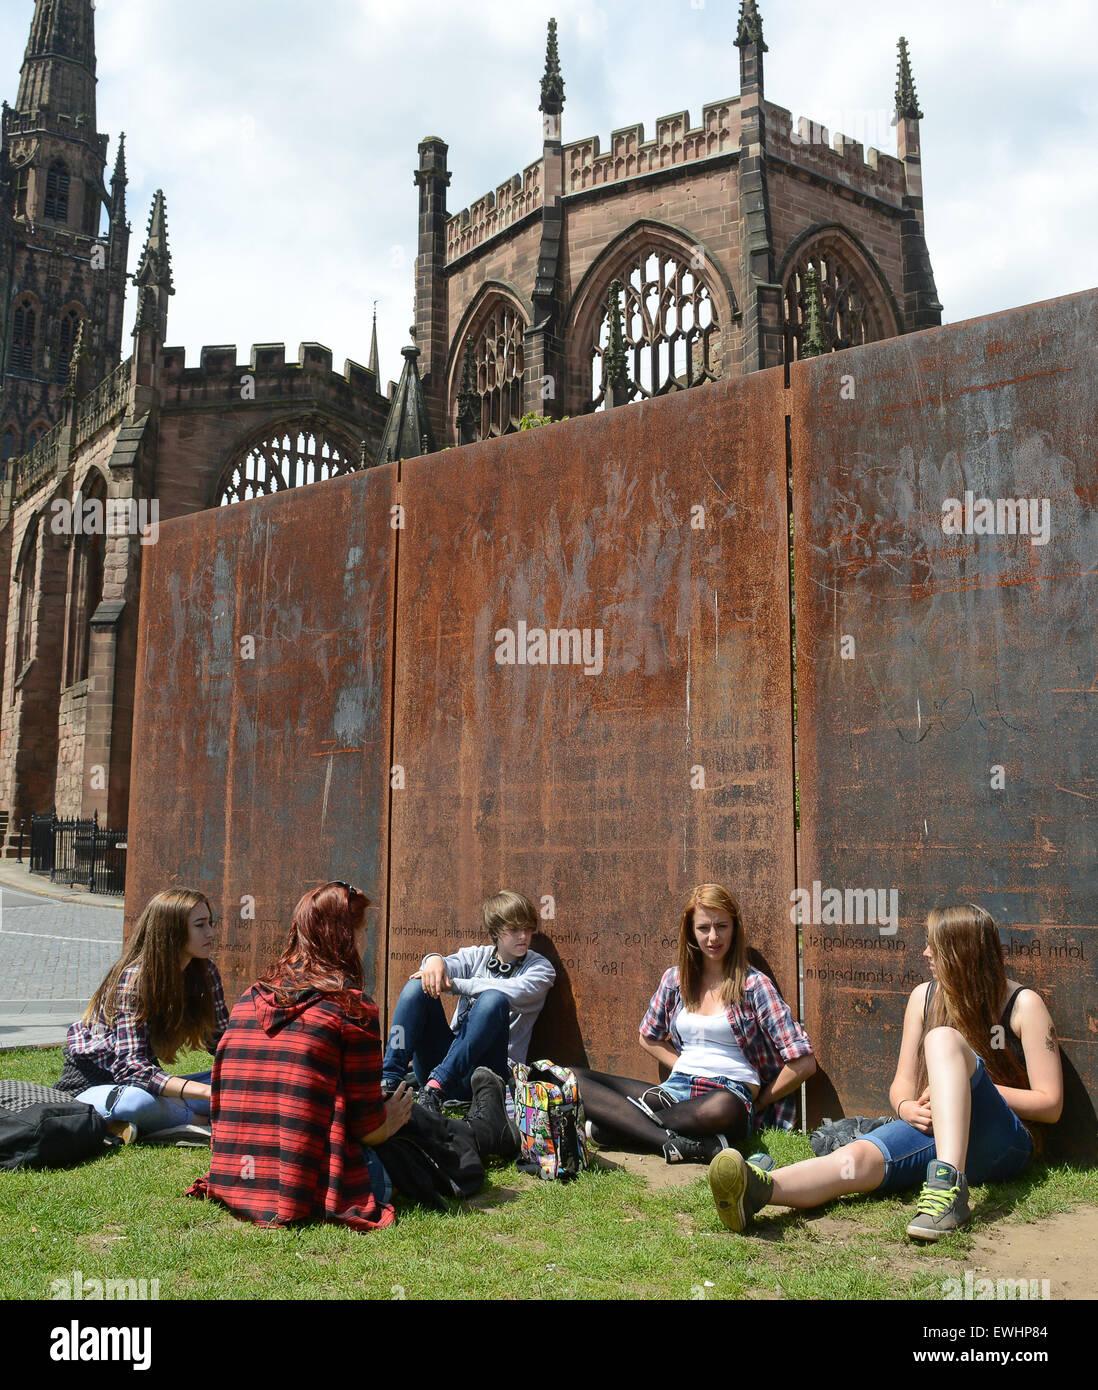 Ragazzi giovani adolescenti giovani ragazze appendere fuori a Coventry Regno Unito 2015 Immagini Stock